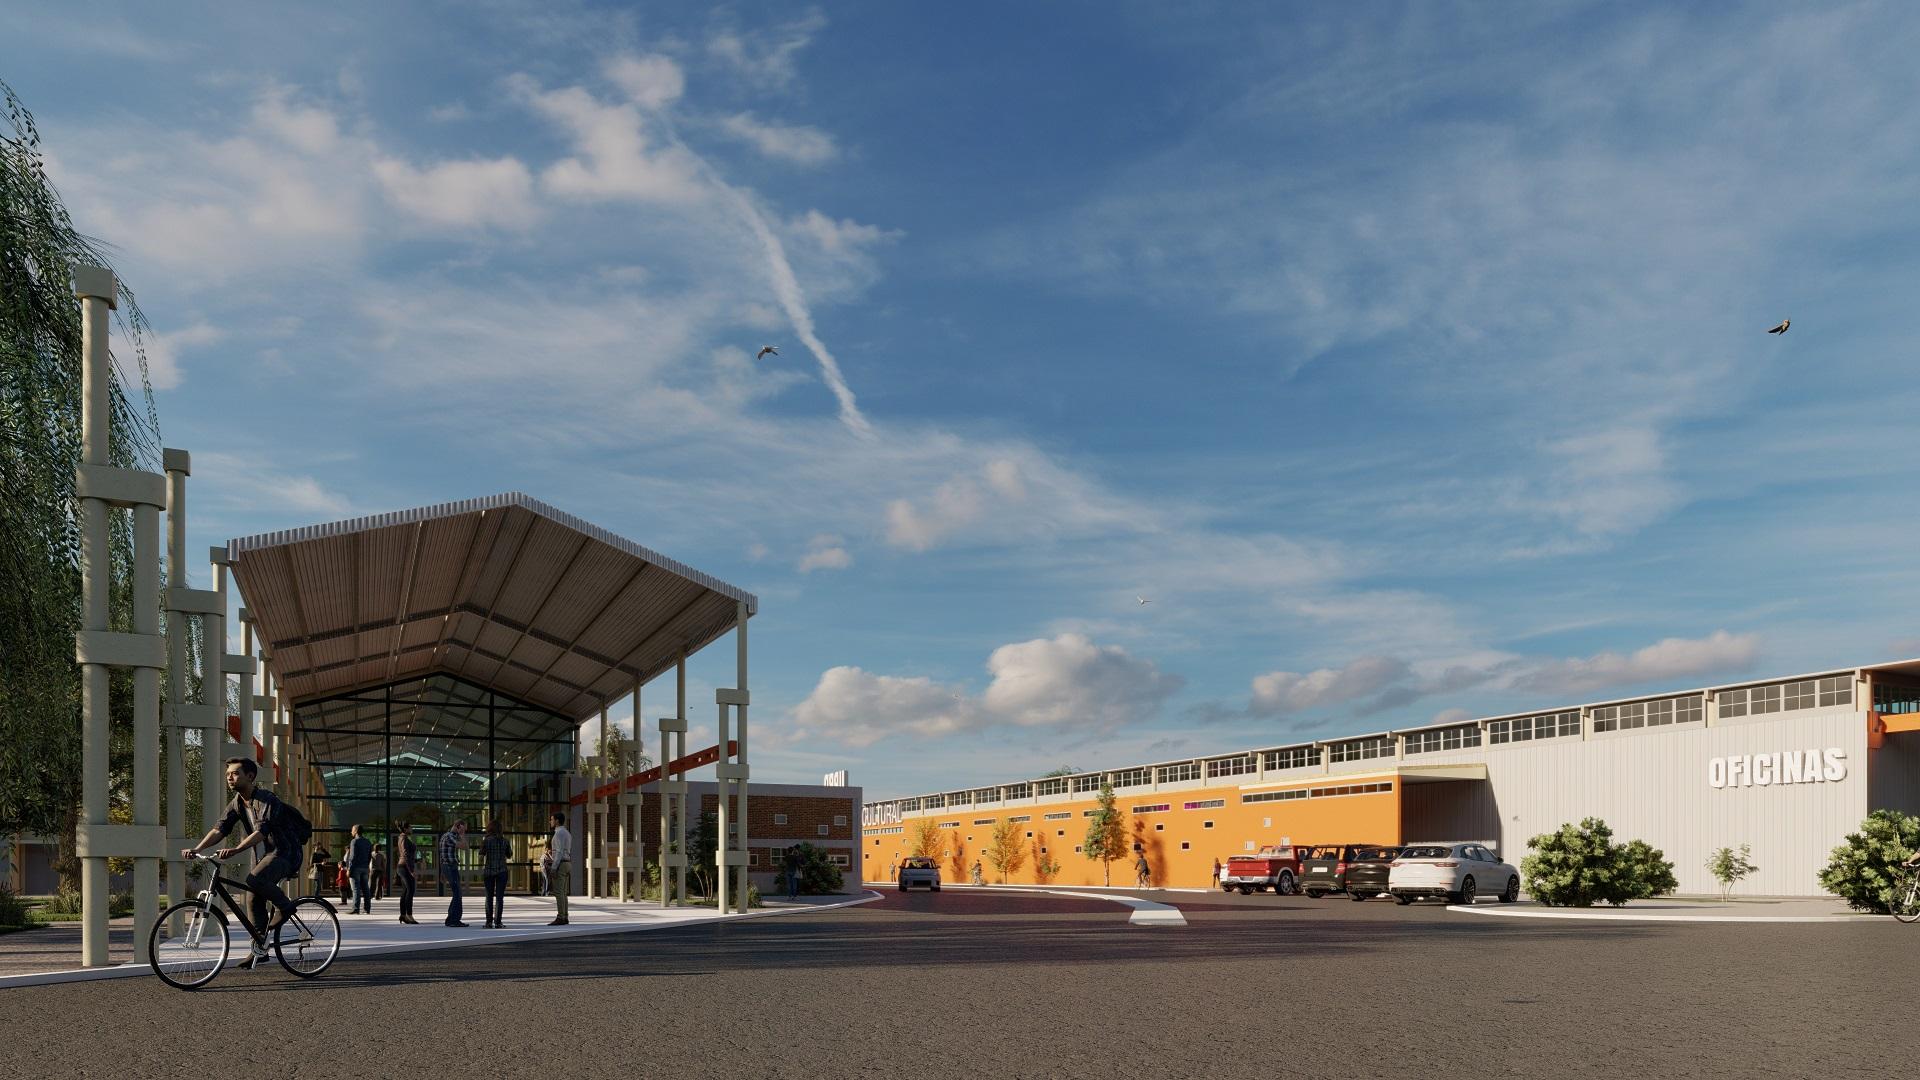 La ex fábrica SCAC se convertirá en un gran centro integrador, deportivo, cultural y administrativo